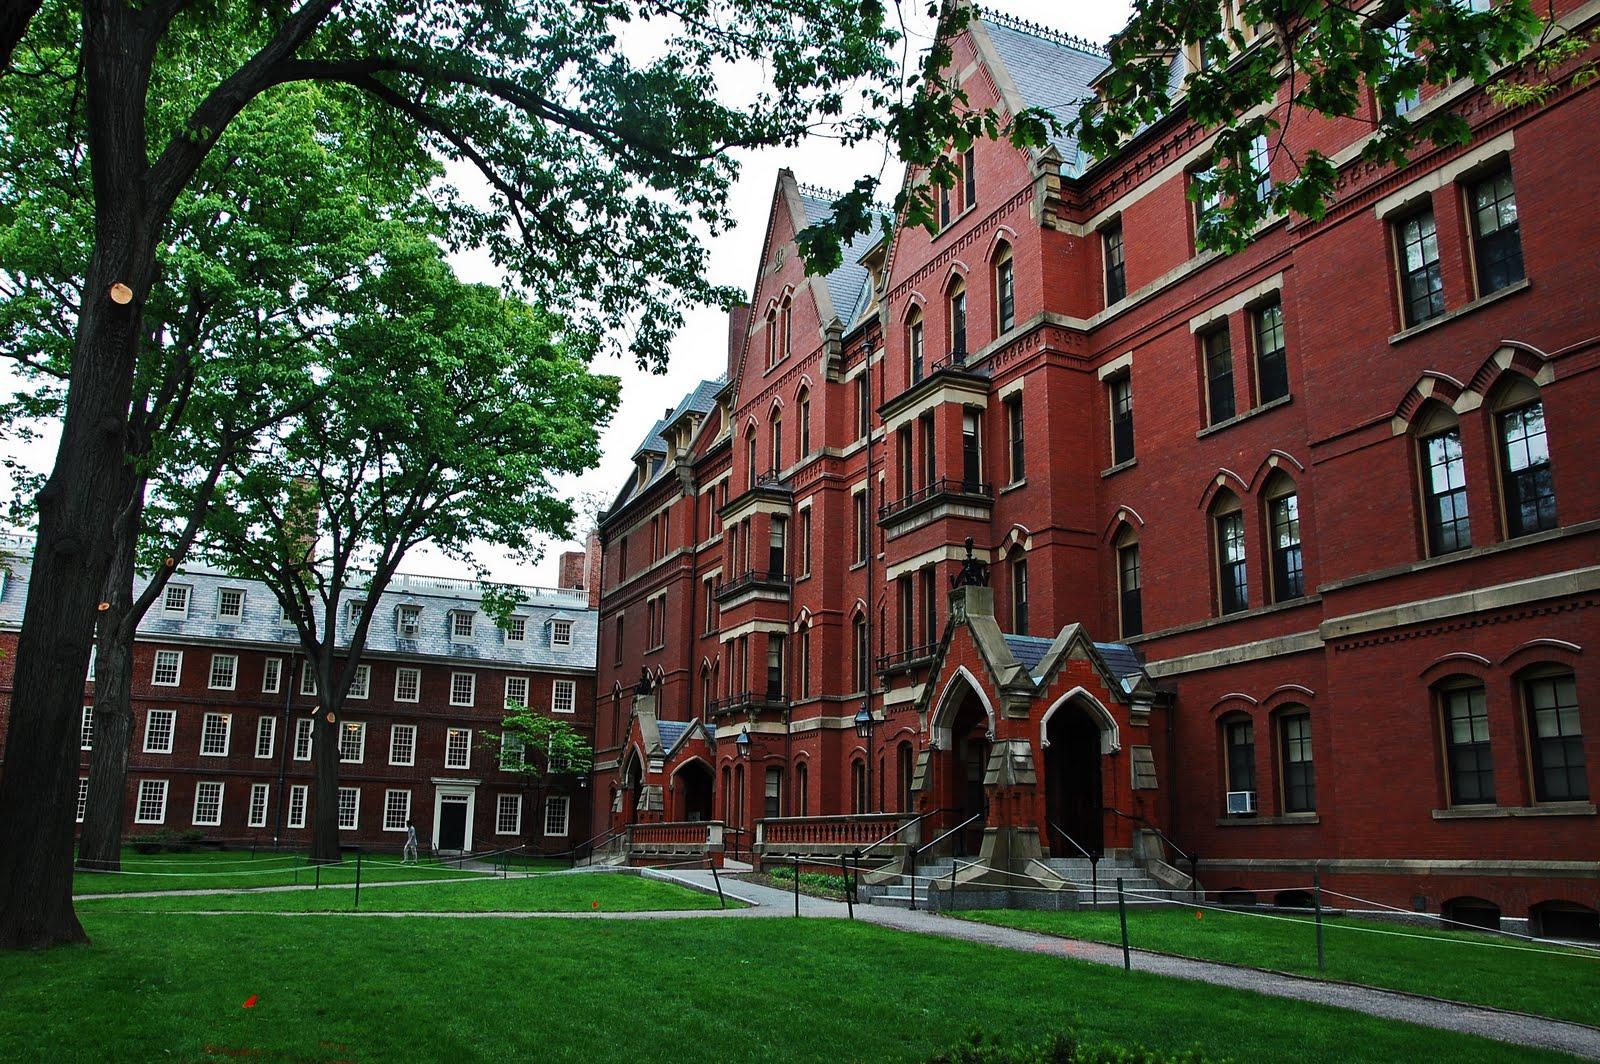 德国的法兰克福有什么值得留学的学校?